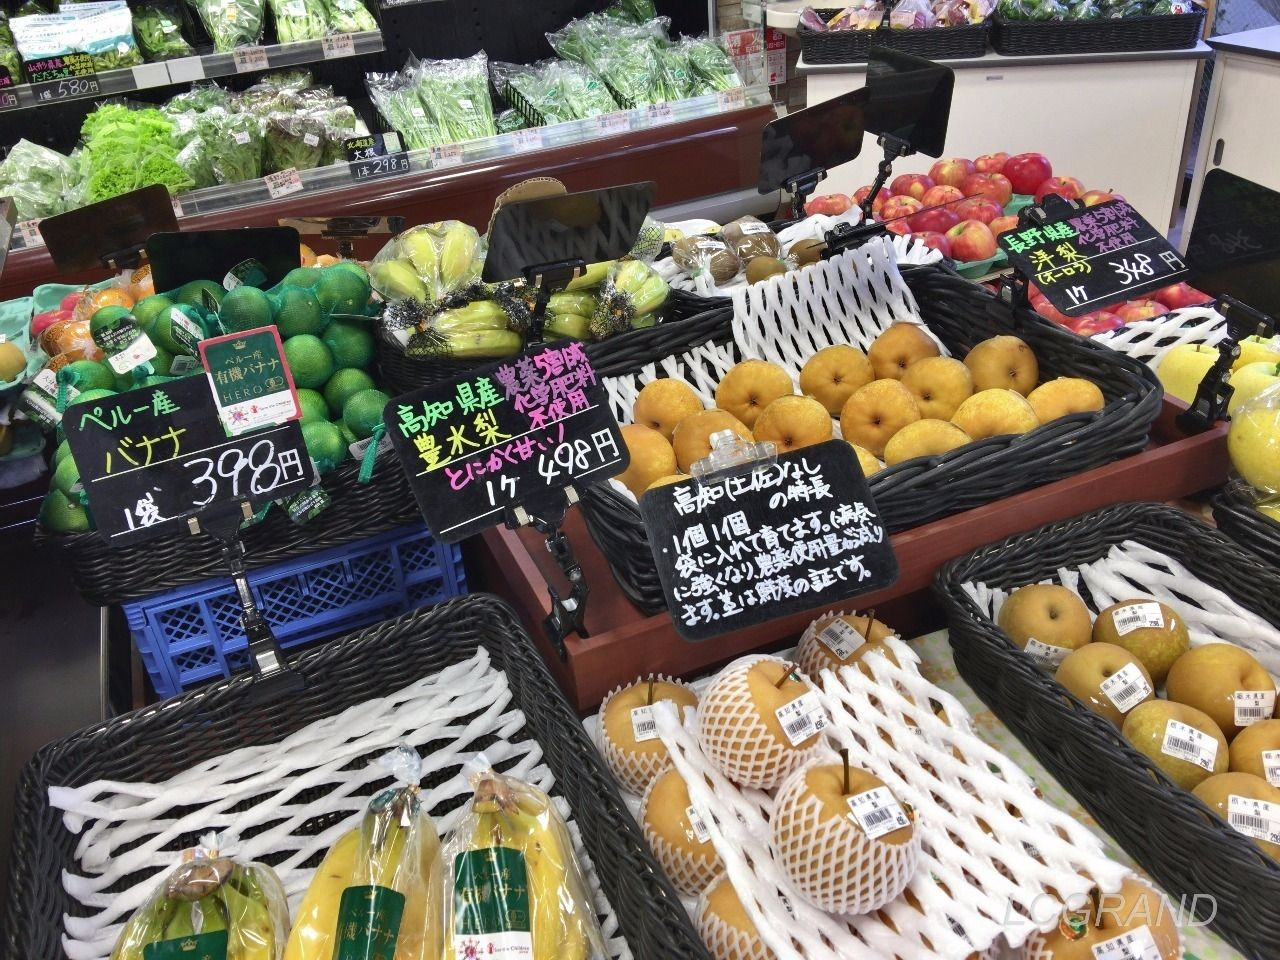 ムスビガーデン桜新町店の入口を入ってスグにある新鮮な果物